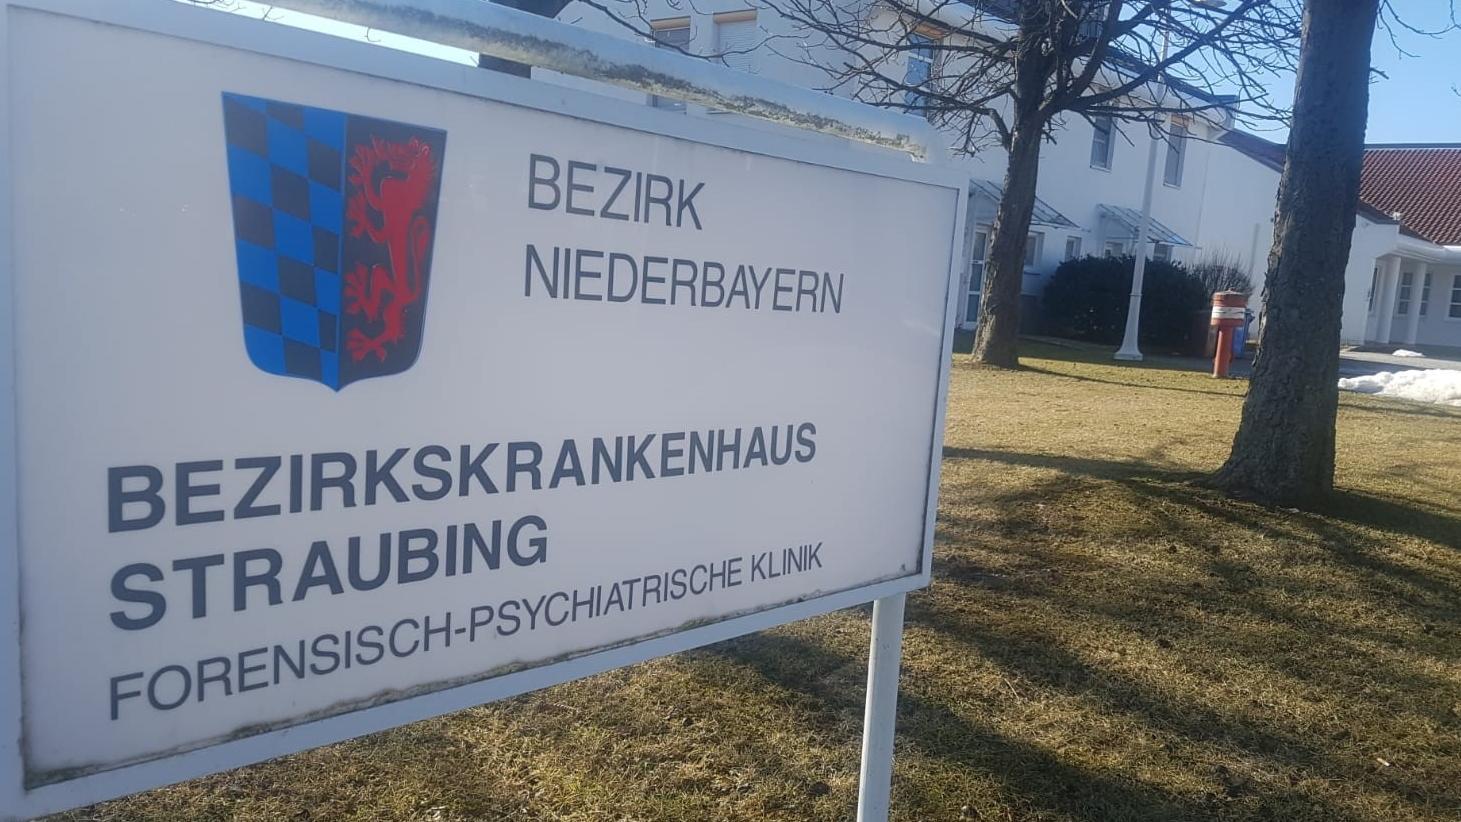 Bezirkskrankenhaus Straubing